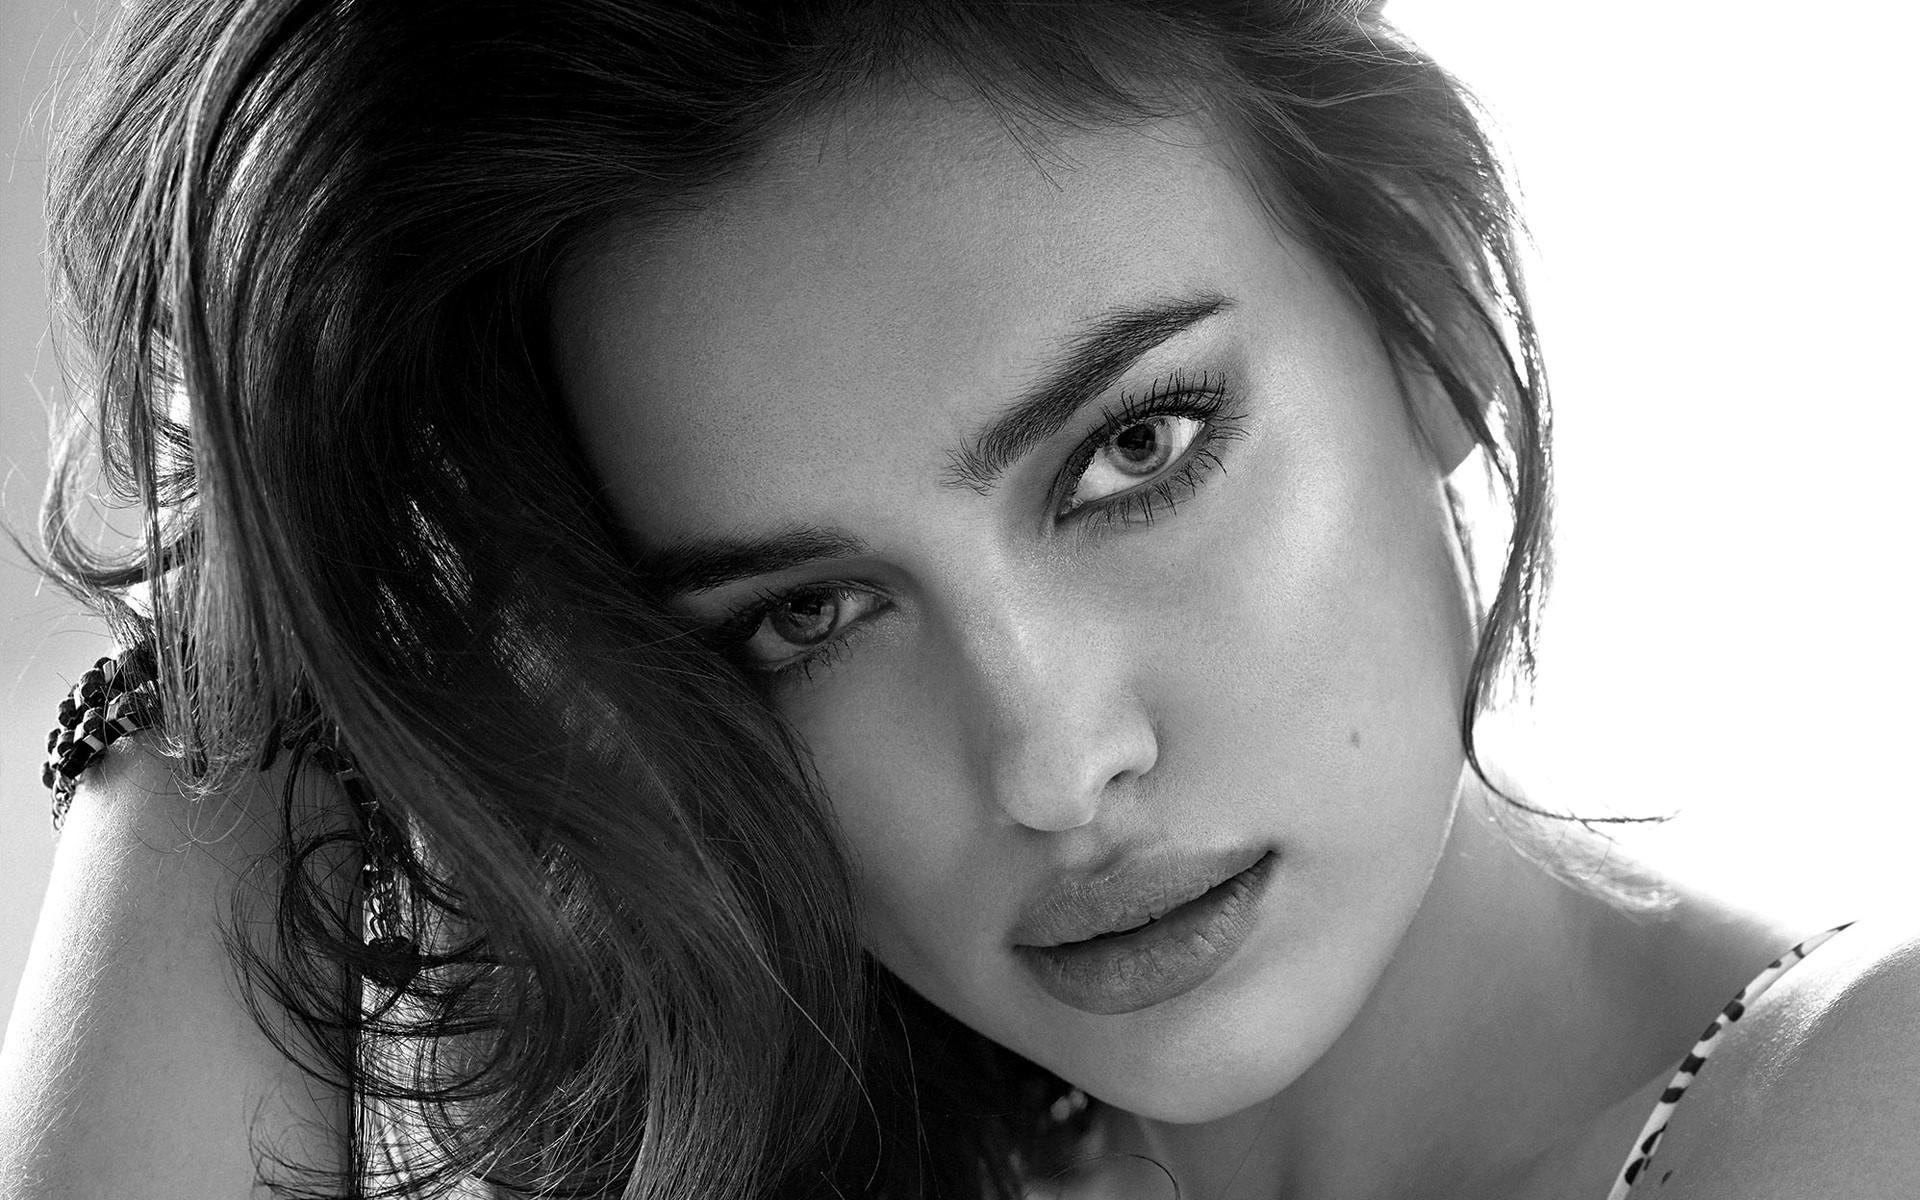 Irina Shayk Background images